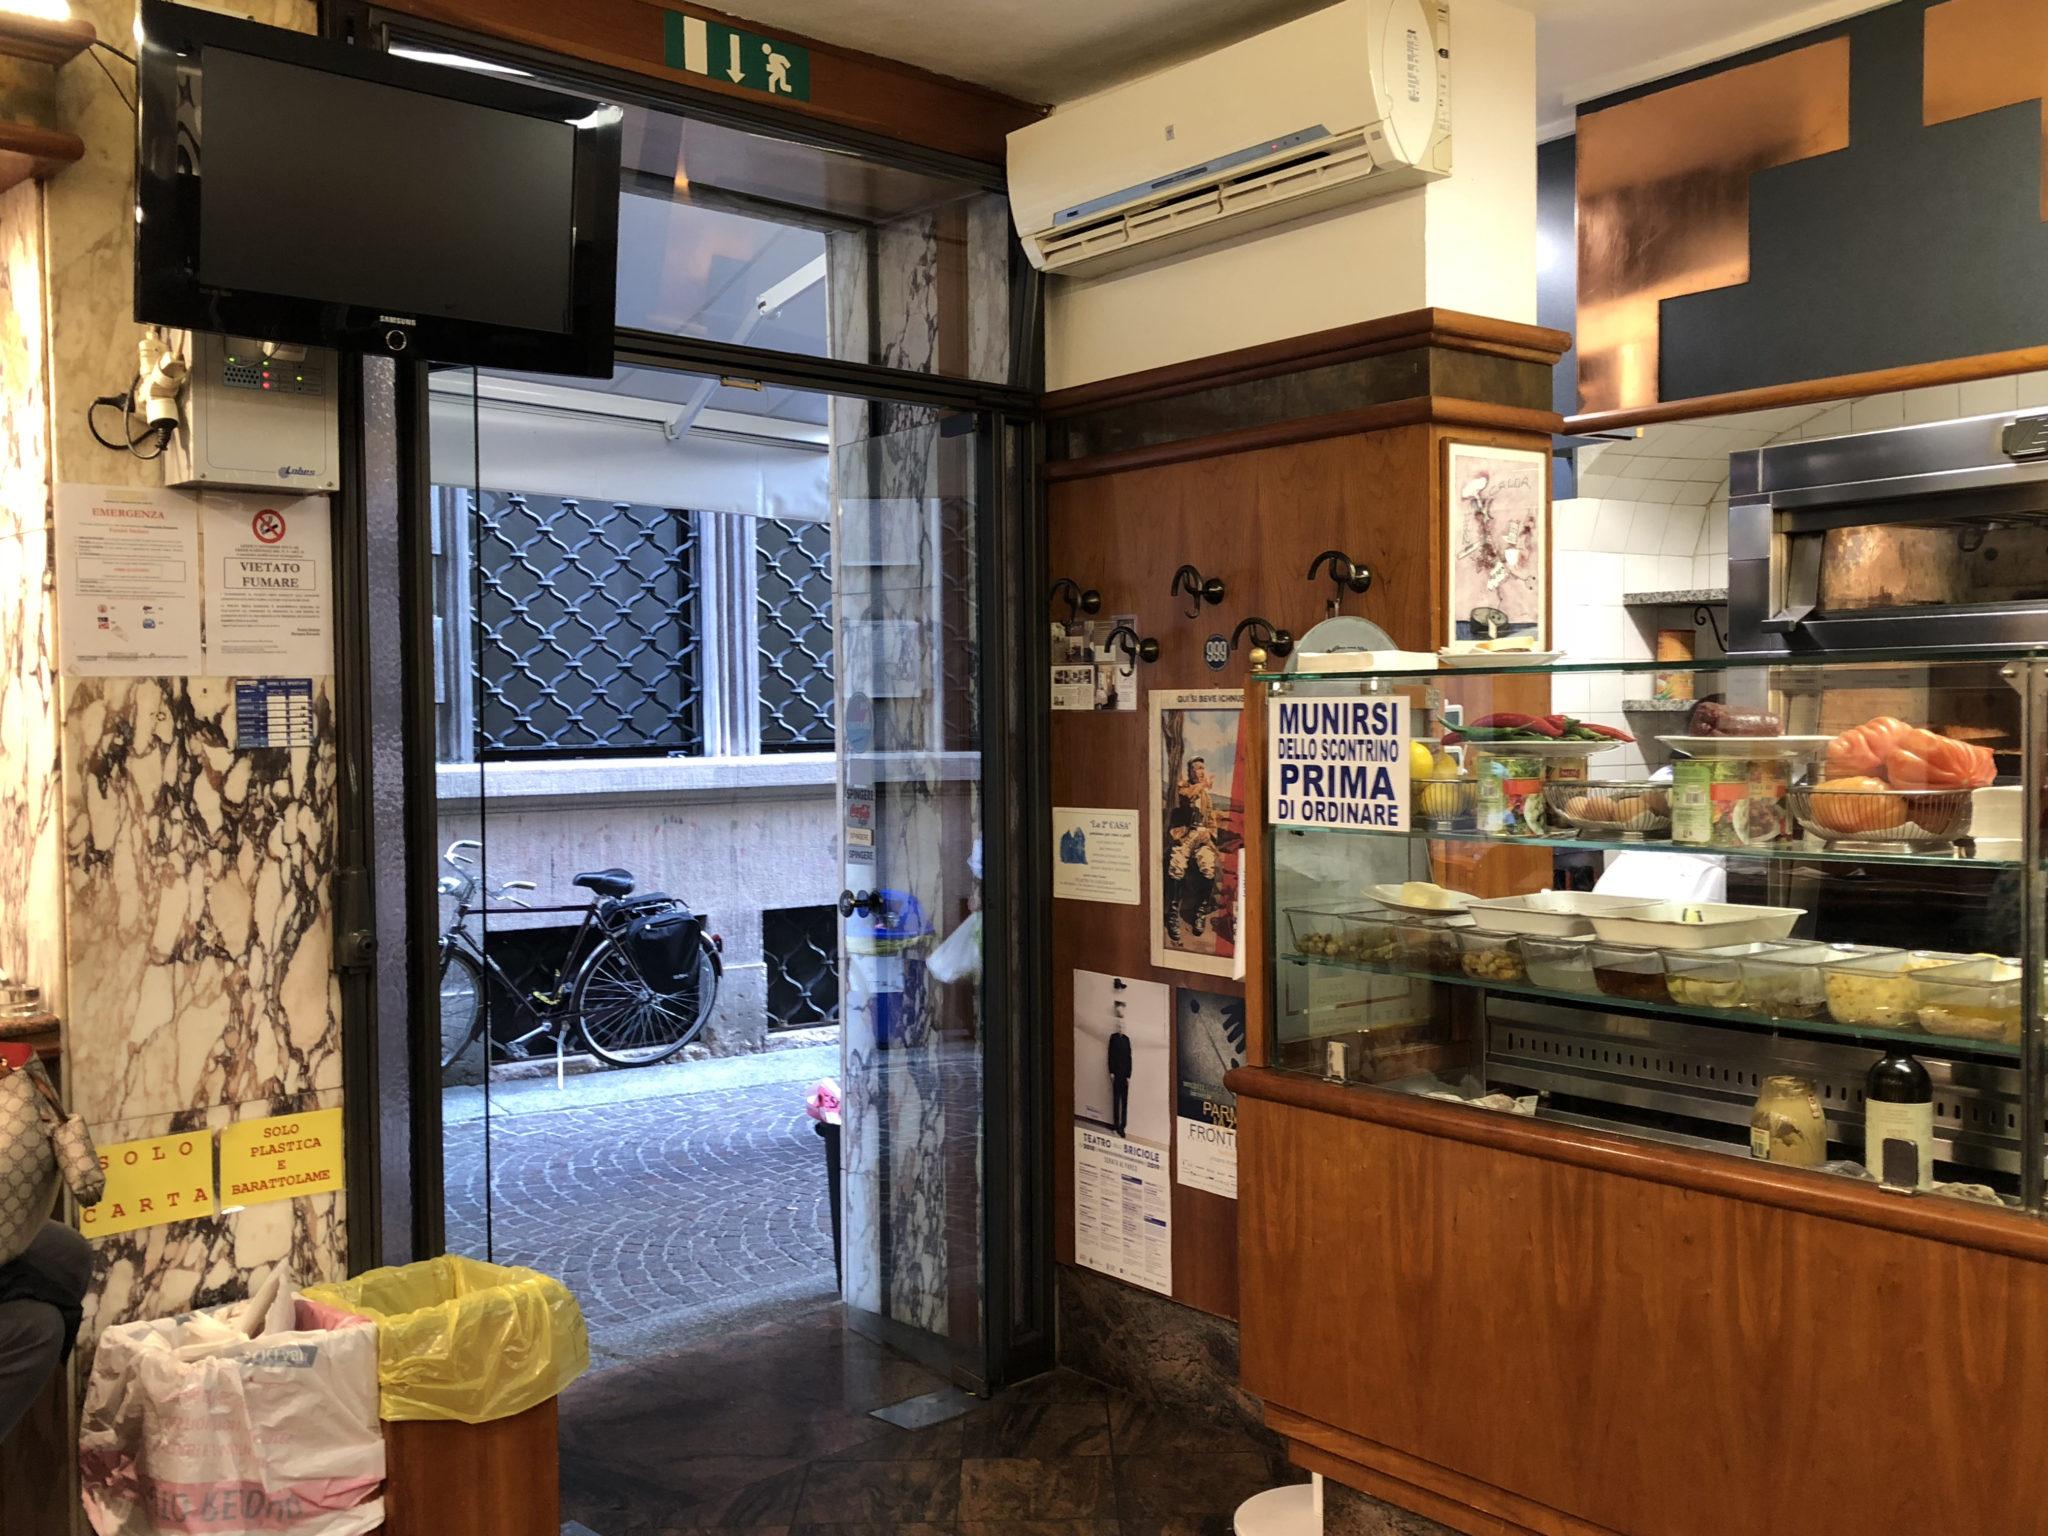 La paninoteca da Pepèn e la Clinica del Panino: giro in due luoghi di Parma dove sentirsi negli anni '50 e '70, con panini che han fatto storia